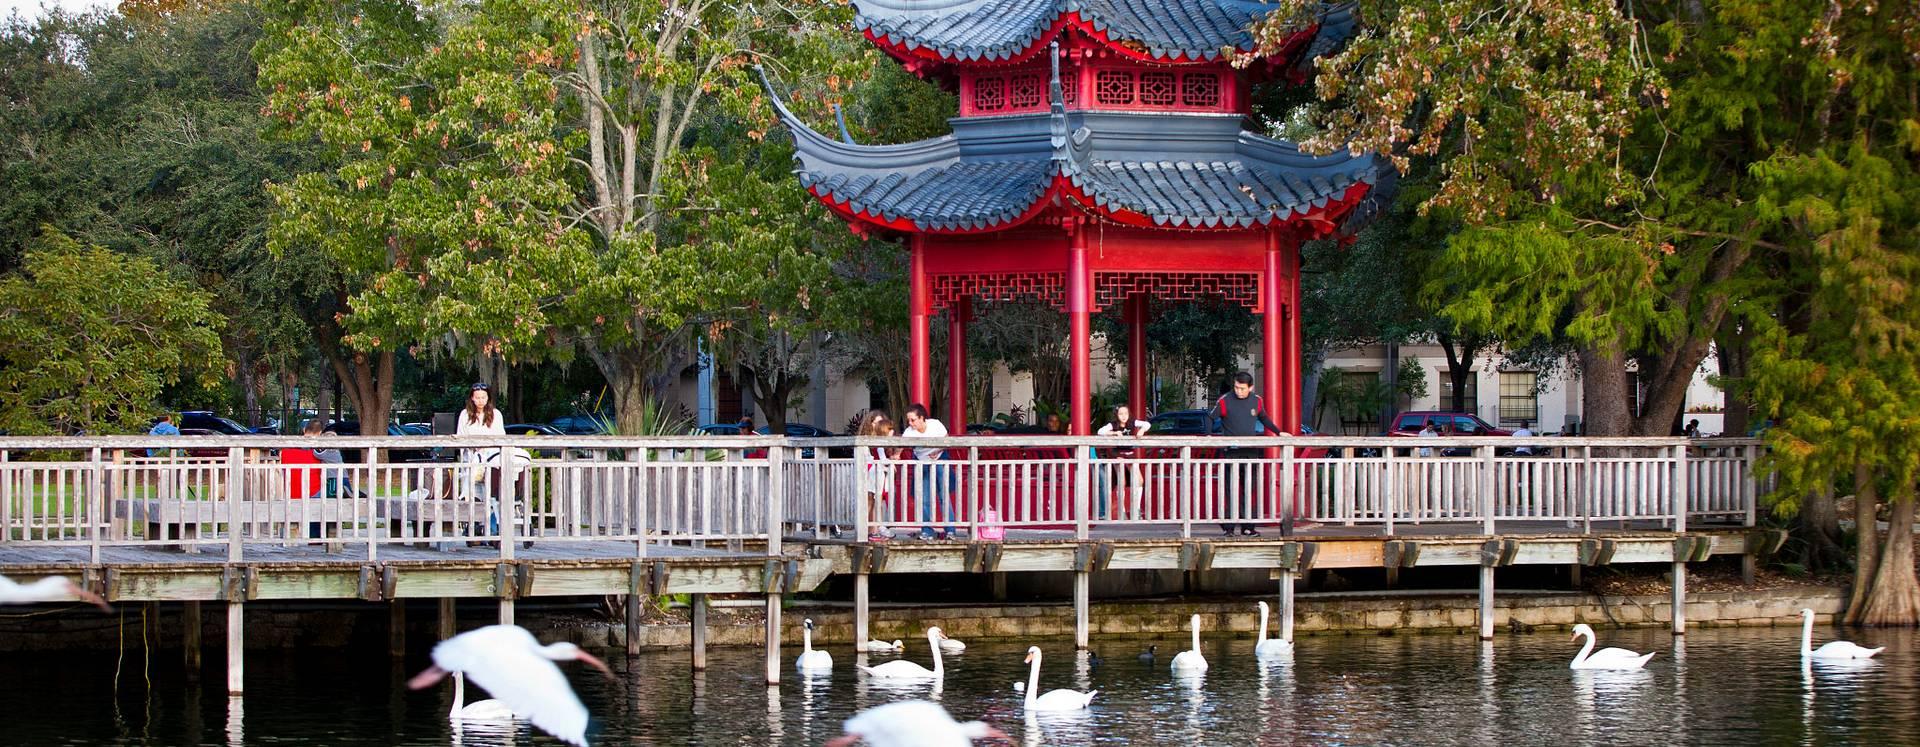 Pessoas admirando os cisnes no Lake Eola com uma tenda chinesa vermelha ao fundo, rodeada por árvores.